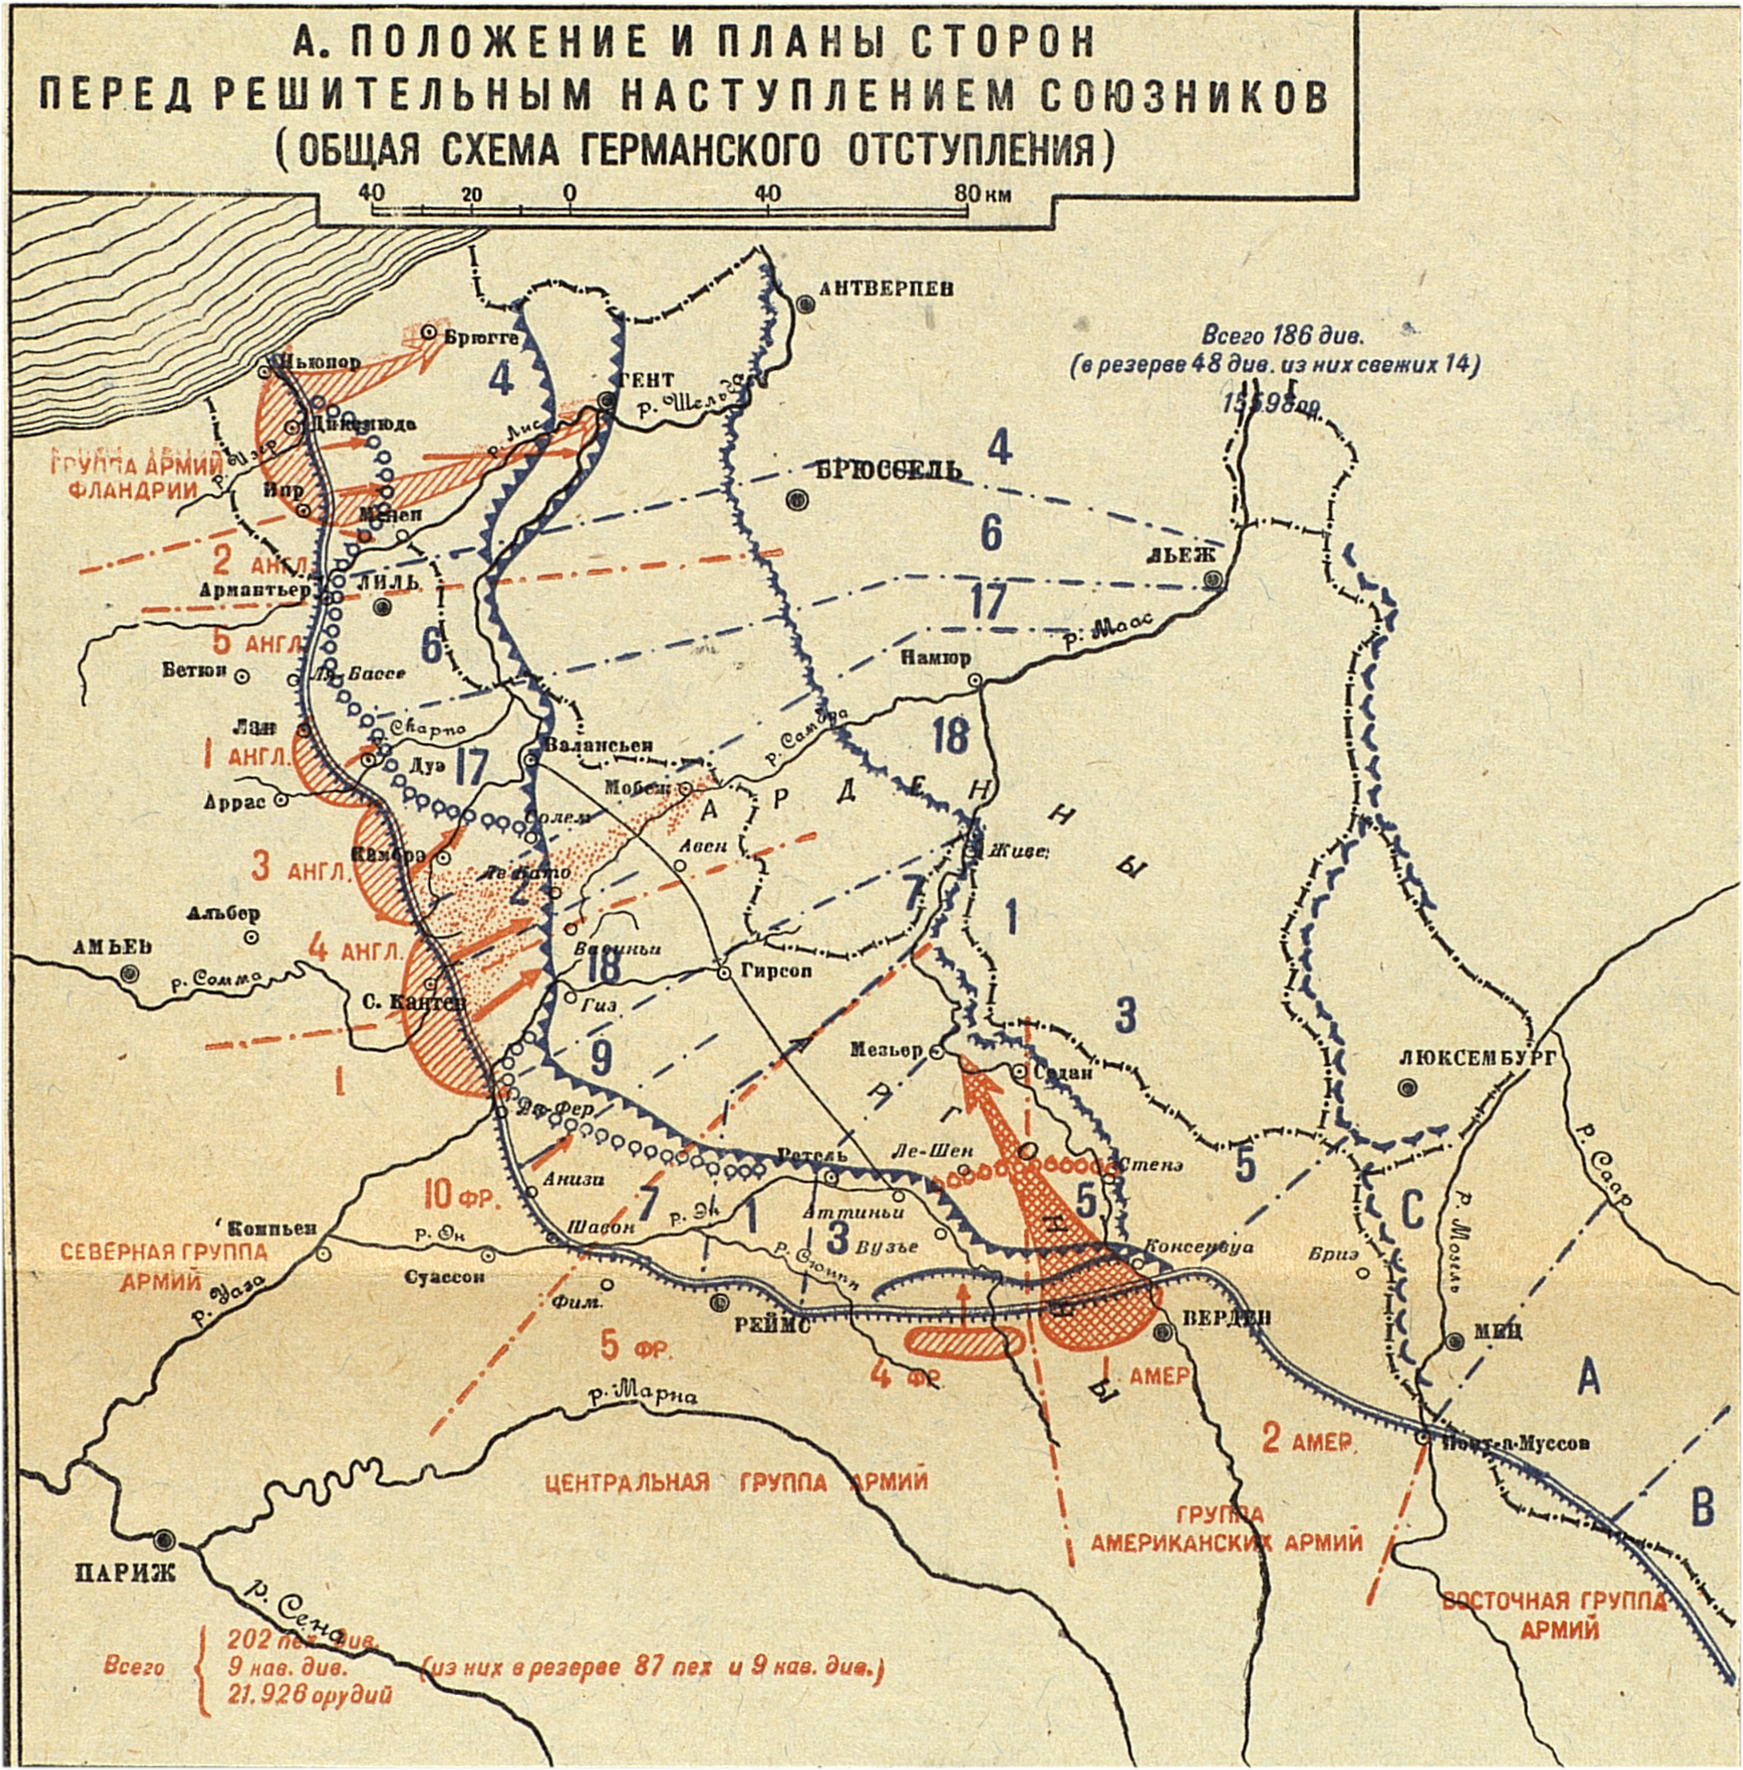 план схема картография